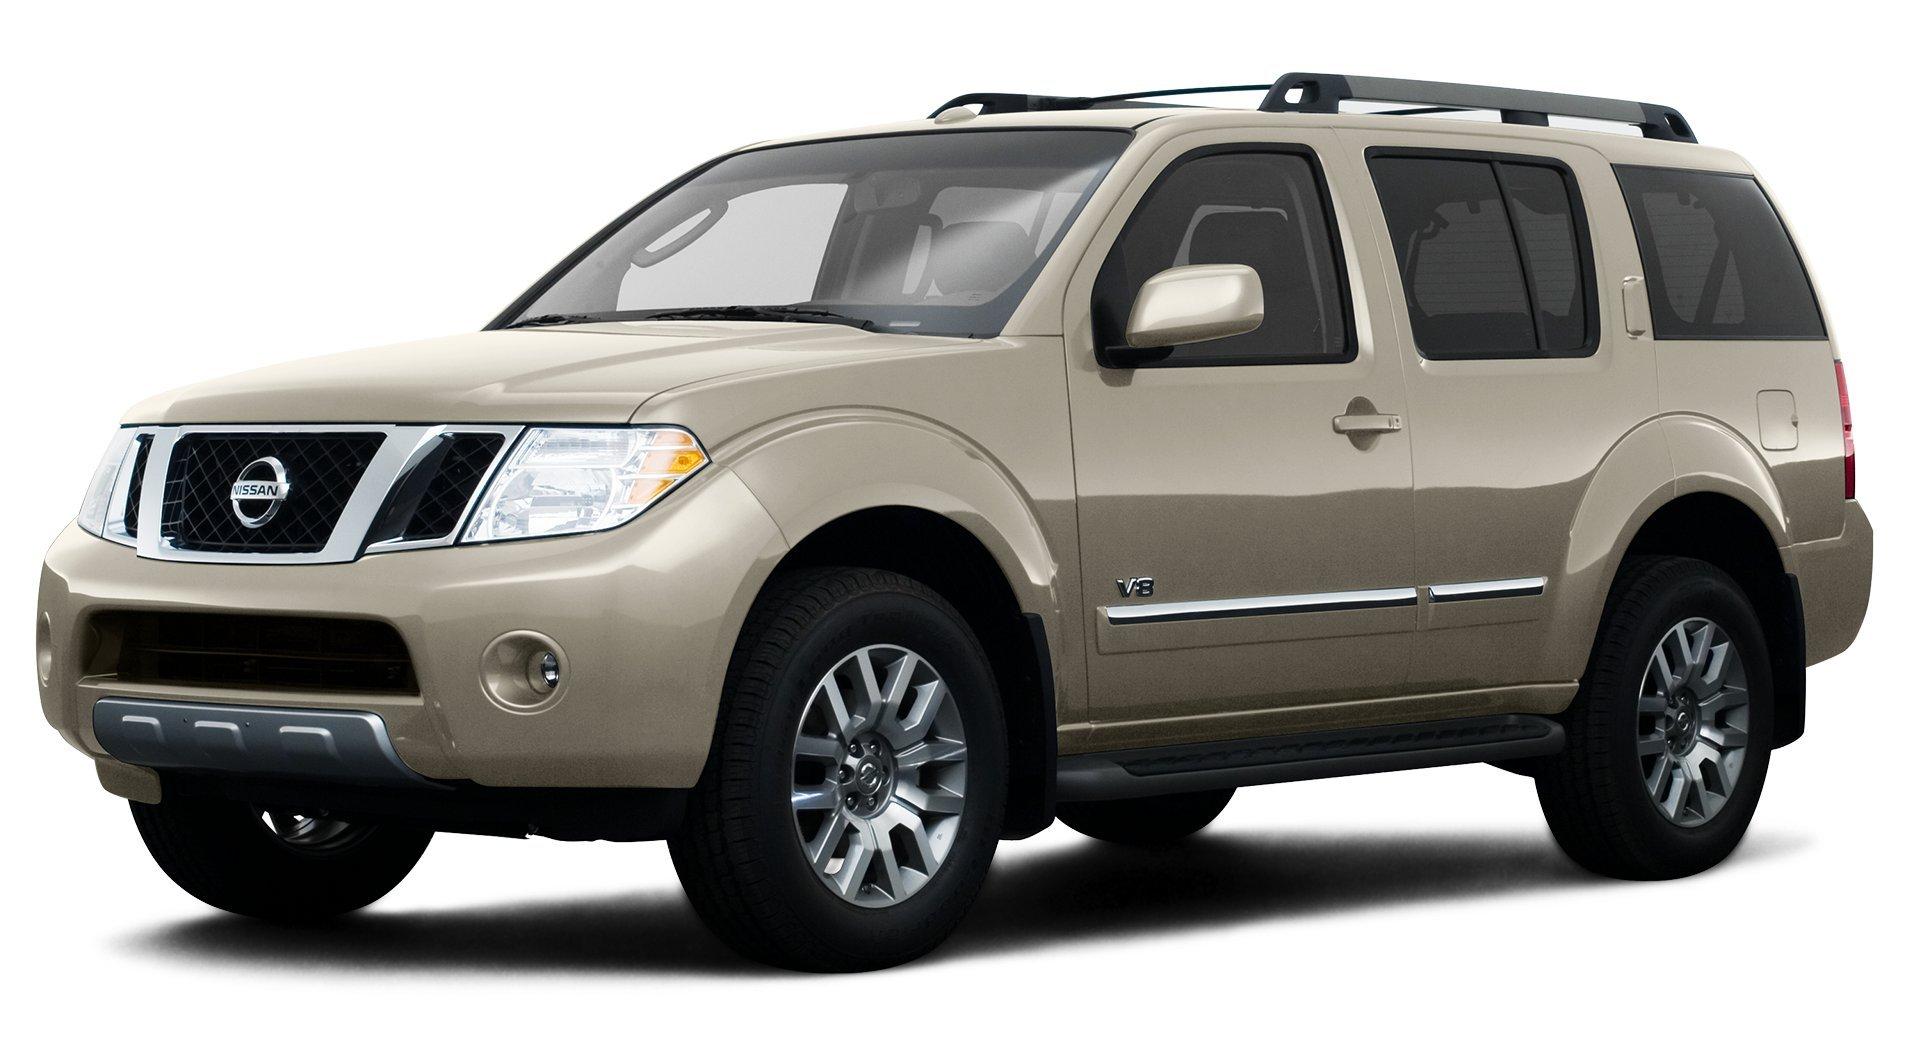 Superb 2008 Nissan Pathfinder LE, 2 Wheel Drive 4 Door V6 ...